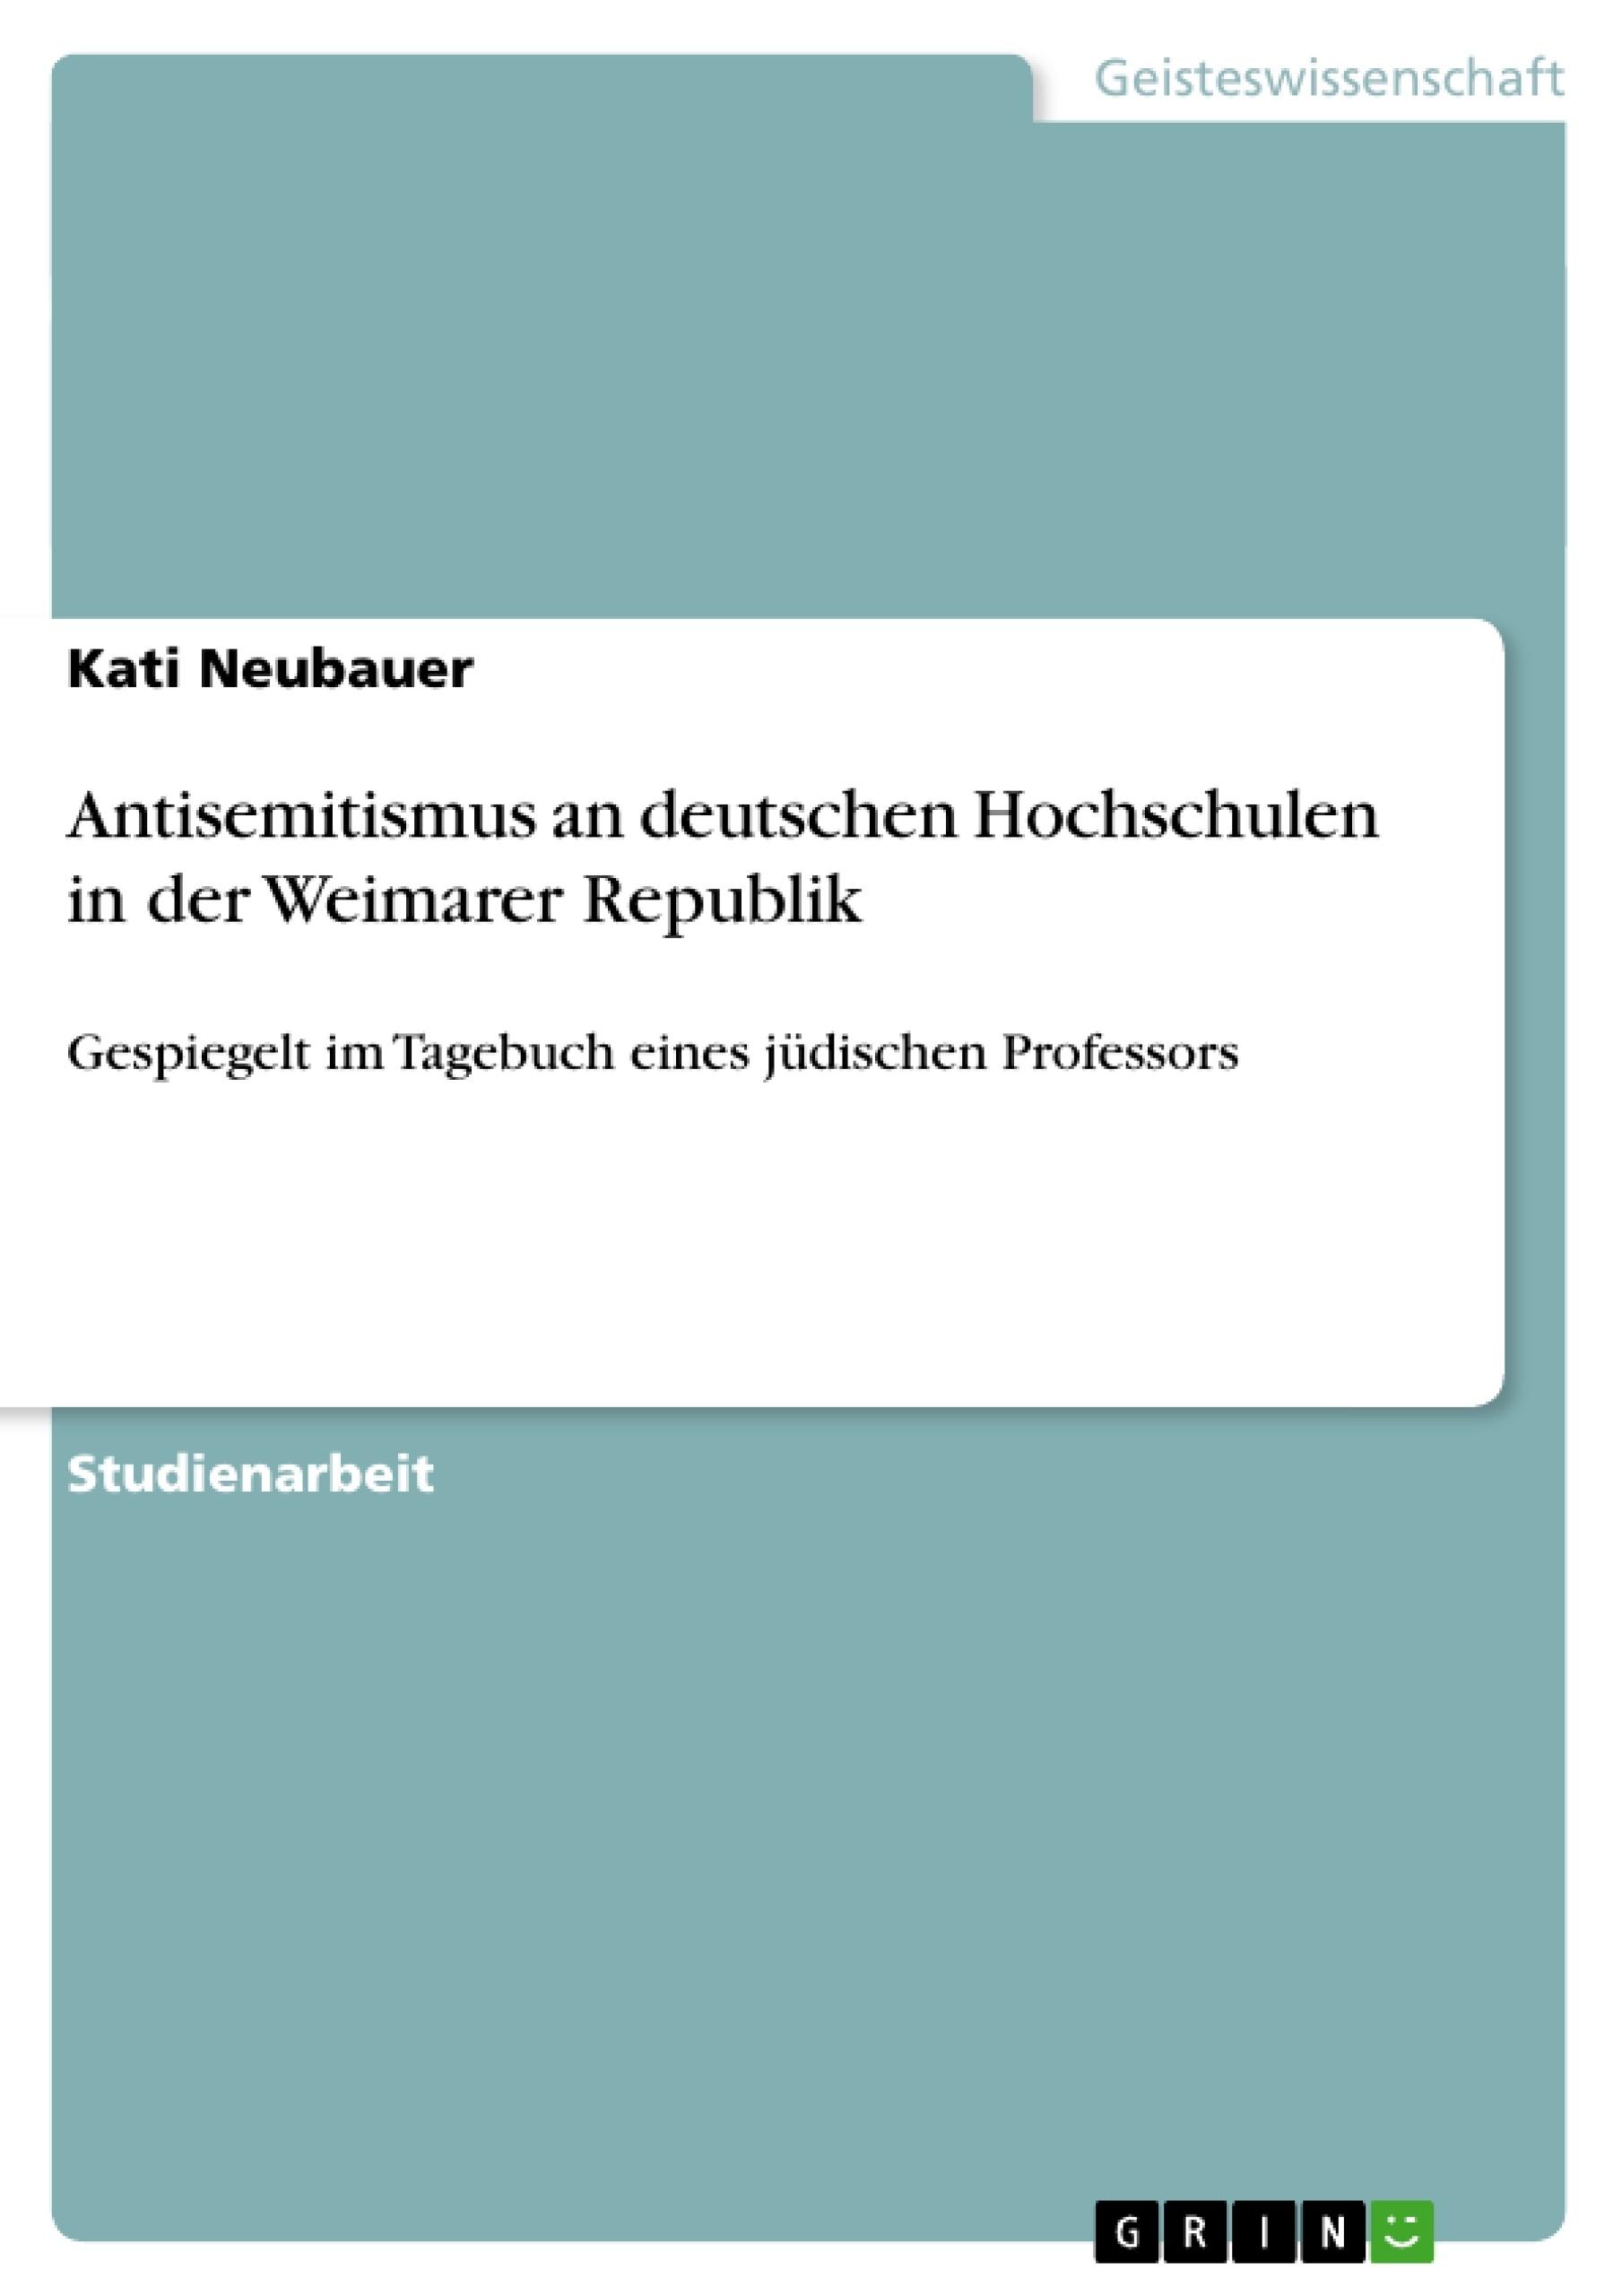 Titel: Antisemitismus an deutschen Hochschulen in der Weimarer Republik